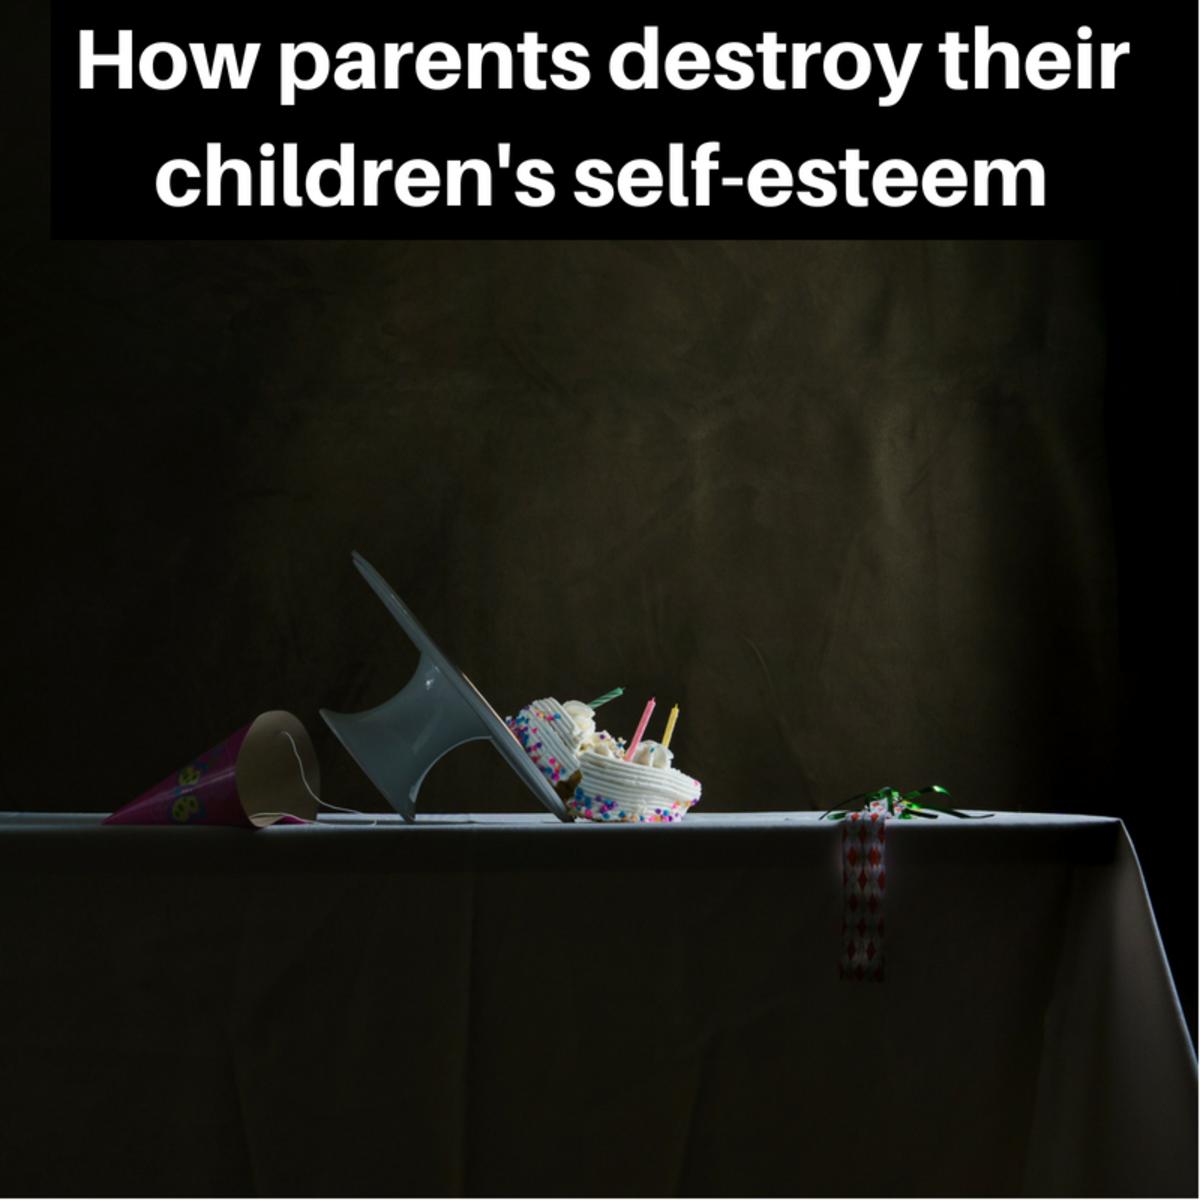 ten-ways-parens-destroy-their-childrens-self-esteem